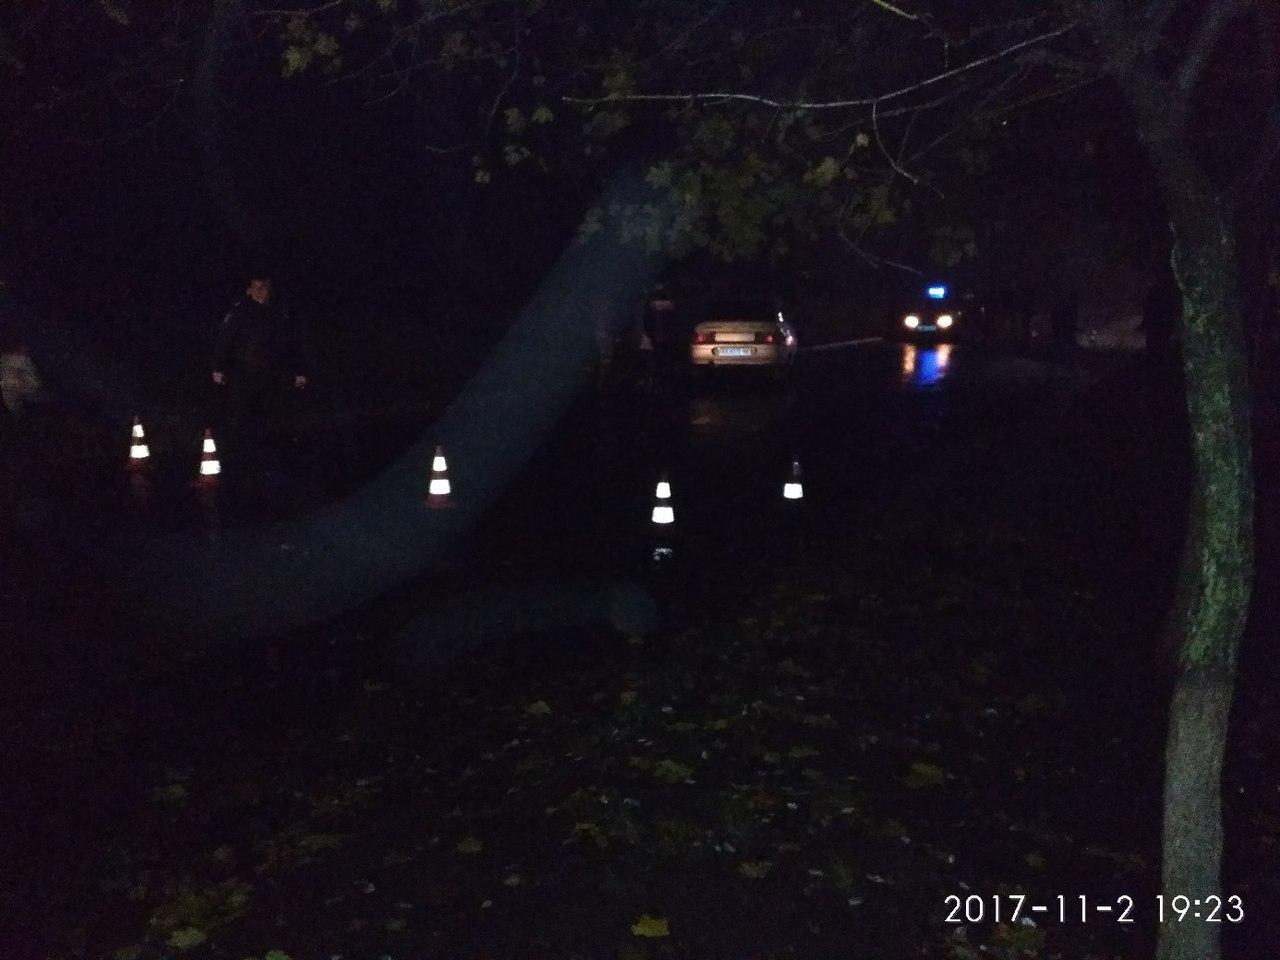 Очевидцы аварии в Лозовой: Женщина с детьми пошла прямо под машину (дополнено)